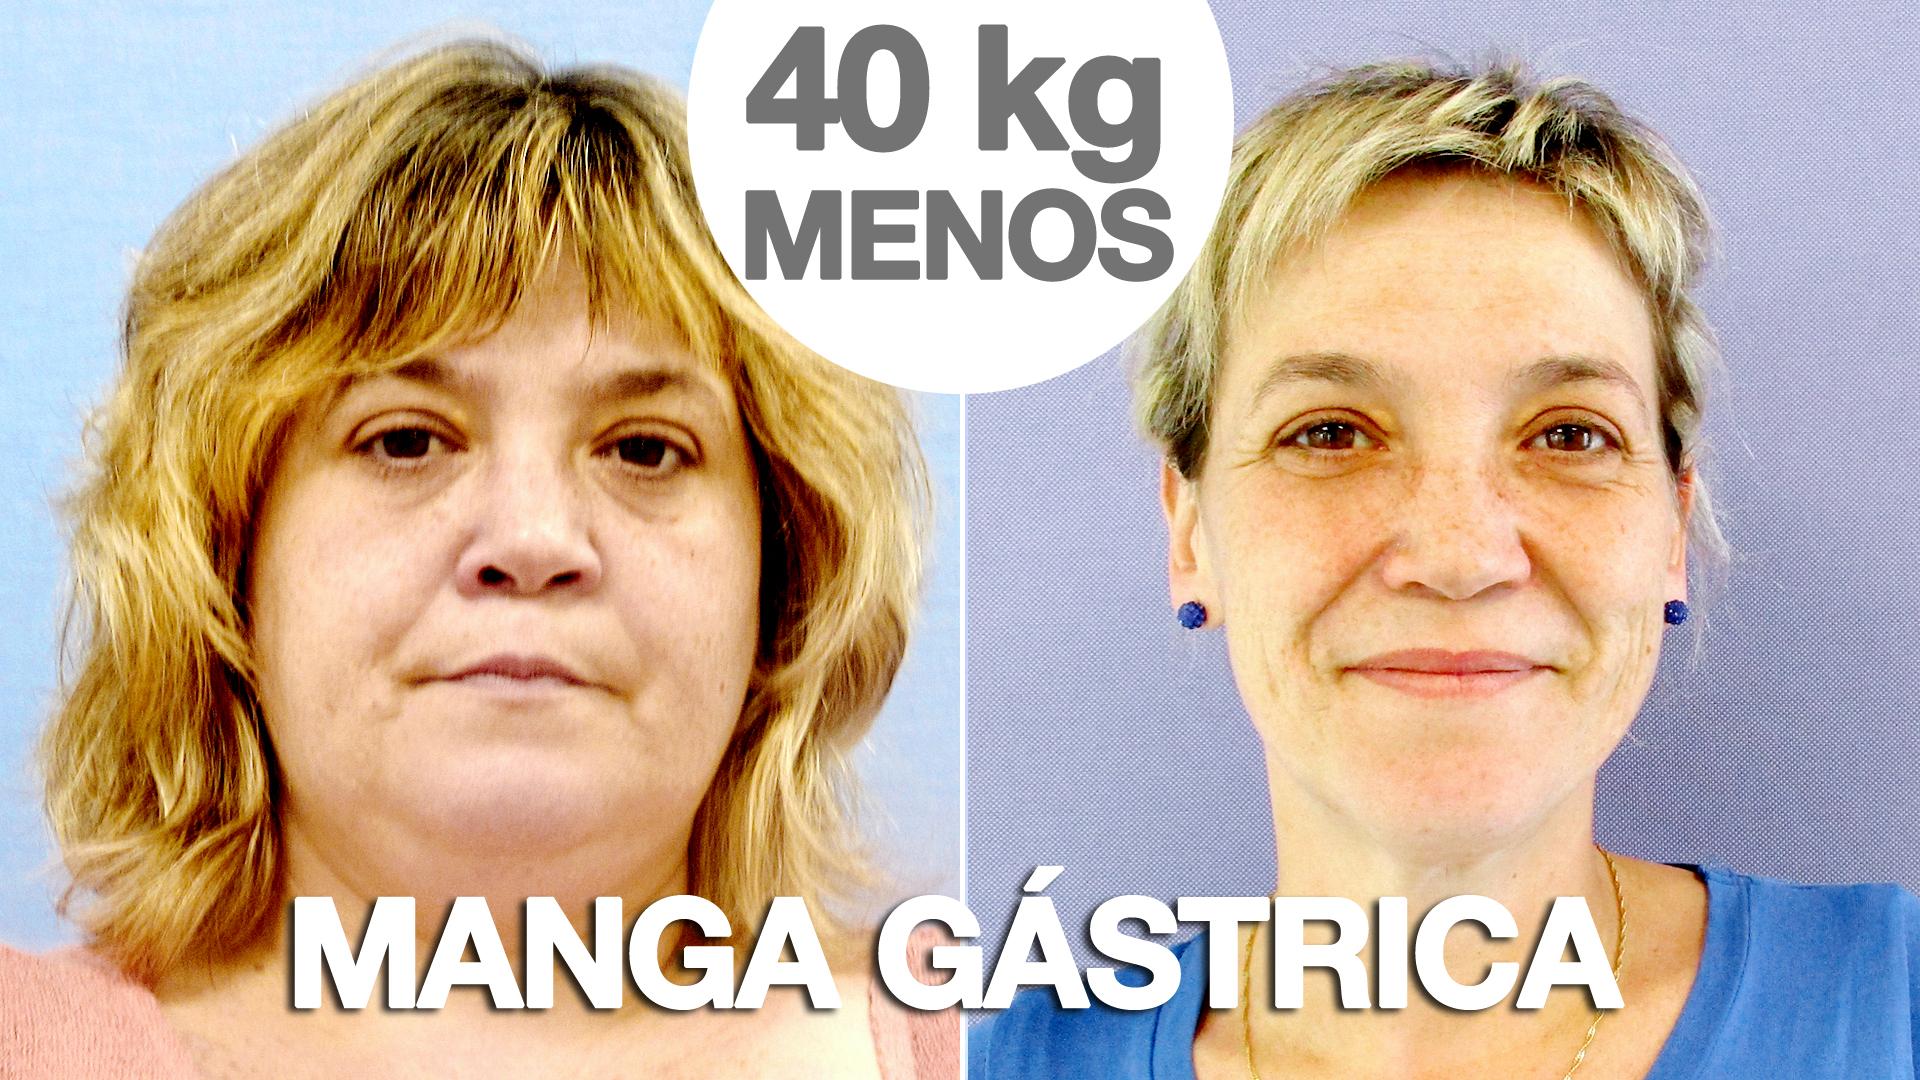 Reducci 243 N De Est 243 Mago Con Manga G 225 Strica Testimonio De Sonia